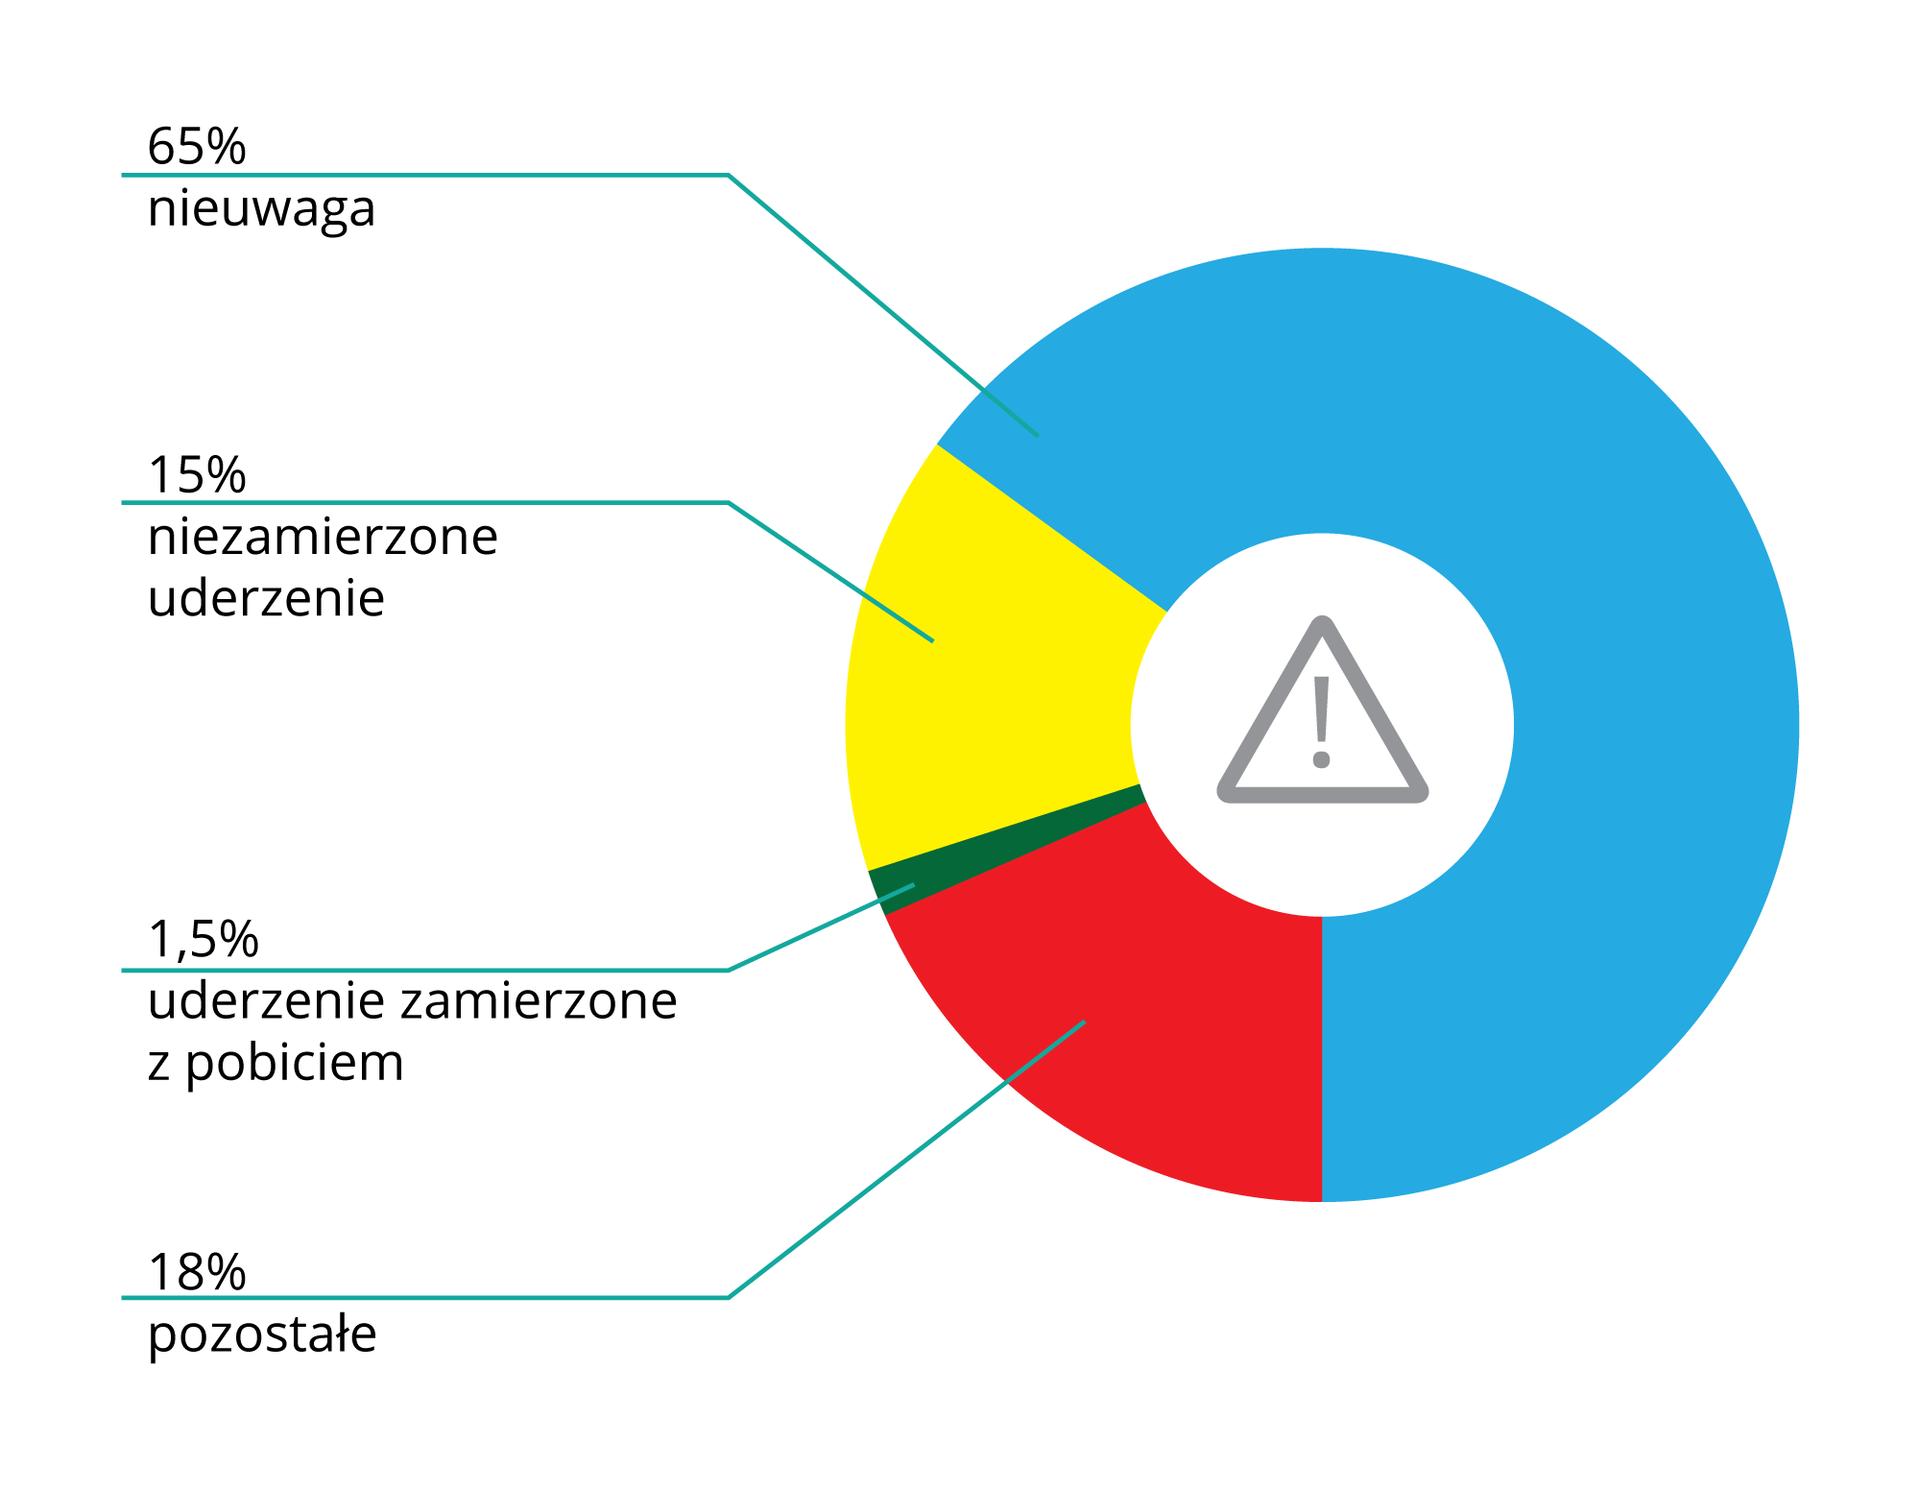 Ilustracja składa się zwykresu kołowego oznaczonego wsamym środku białym kołem zawierającym piktogram ze znakiem0 ostrzegawczym wkształcie trójkąta zwykrzyknikiem. Licząc od góry przeciwnie do ruchu wskazówek zegara zawartość wykresu przedstawia się następująco: 65 procent, kolor wykresu niebieski, nieuwaga. 15 procent, kolor wykresu żółty, niezamierzone uderzenie. 1,5 procent, kolor ciemnozielony, uderzenie zamierzone zpobiciem. 18 procent, kolor czerwony, pozostałe przyczyny.